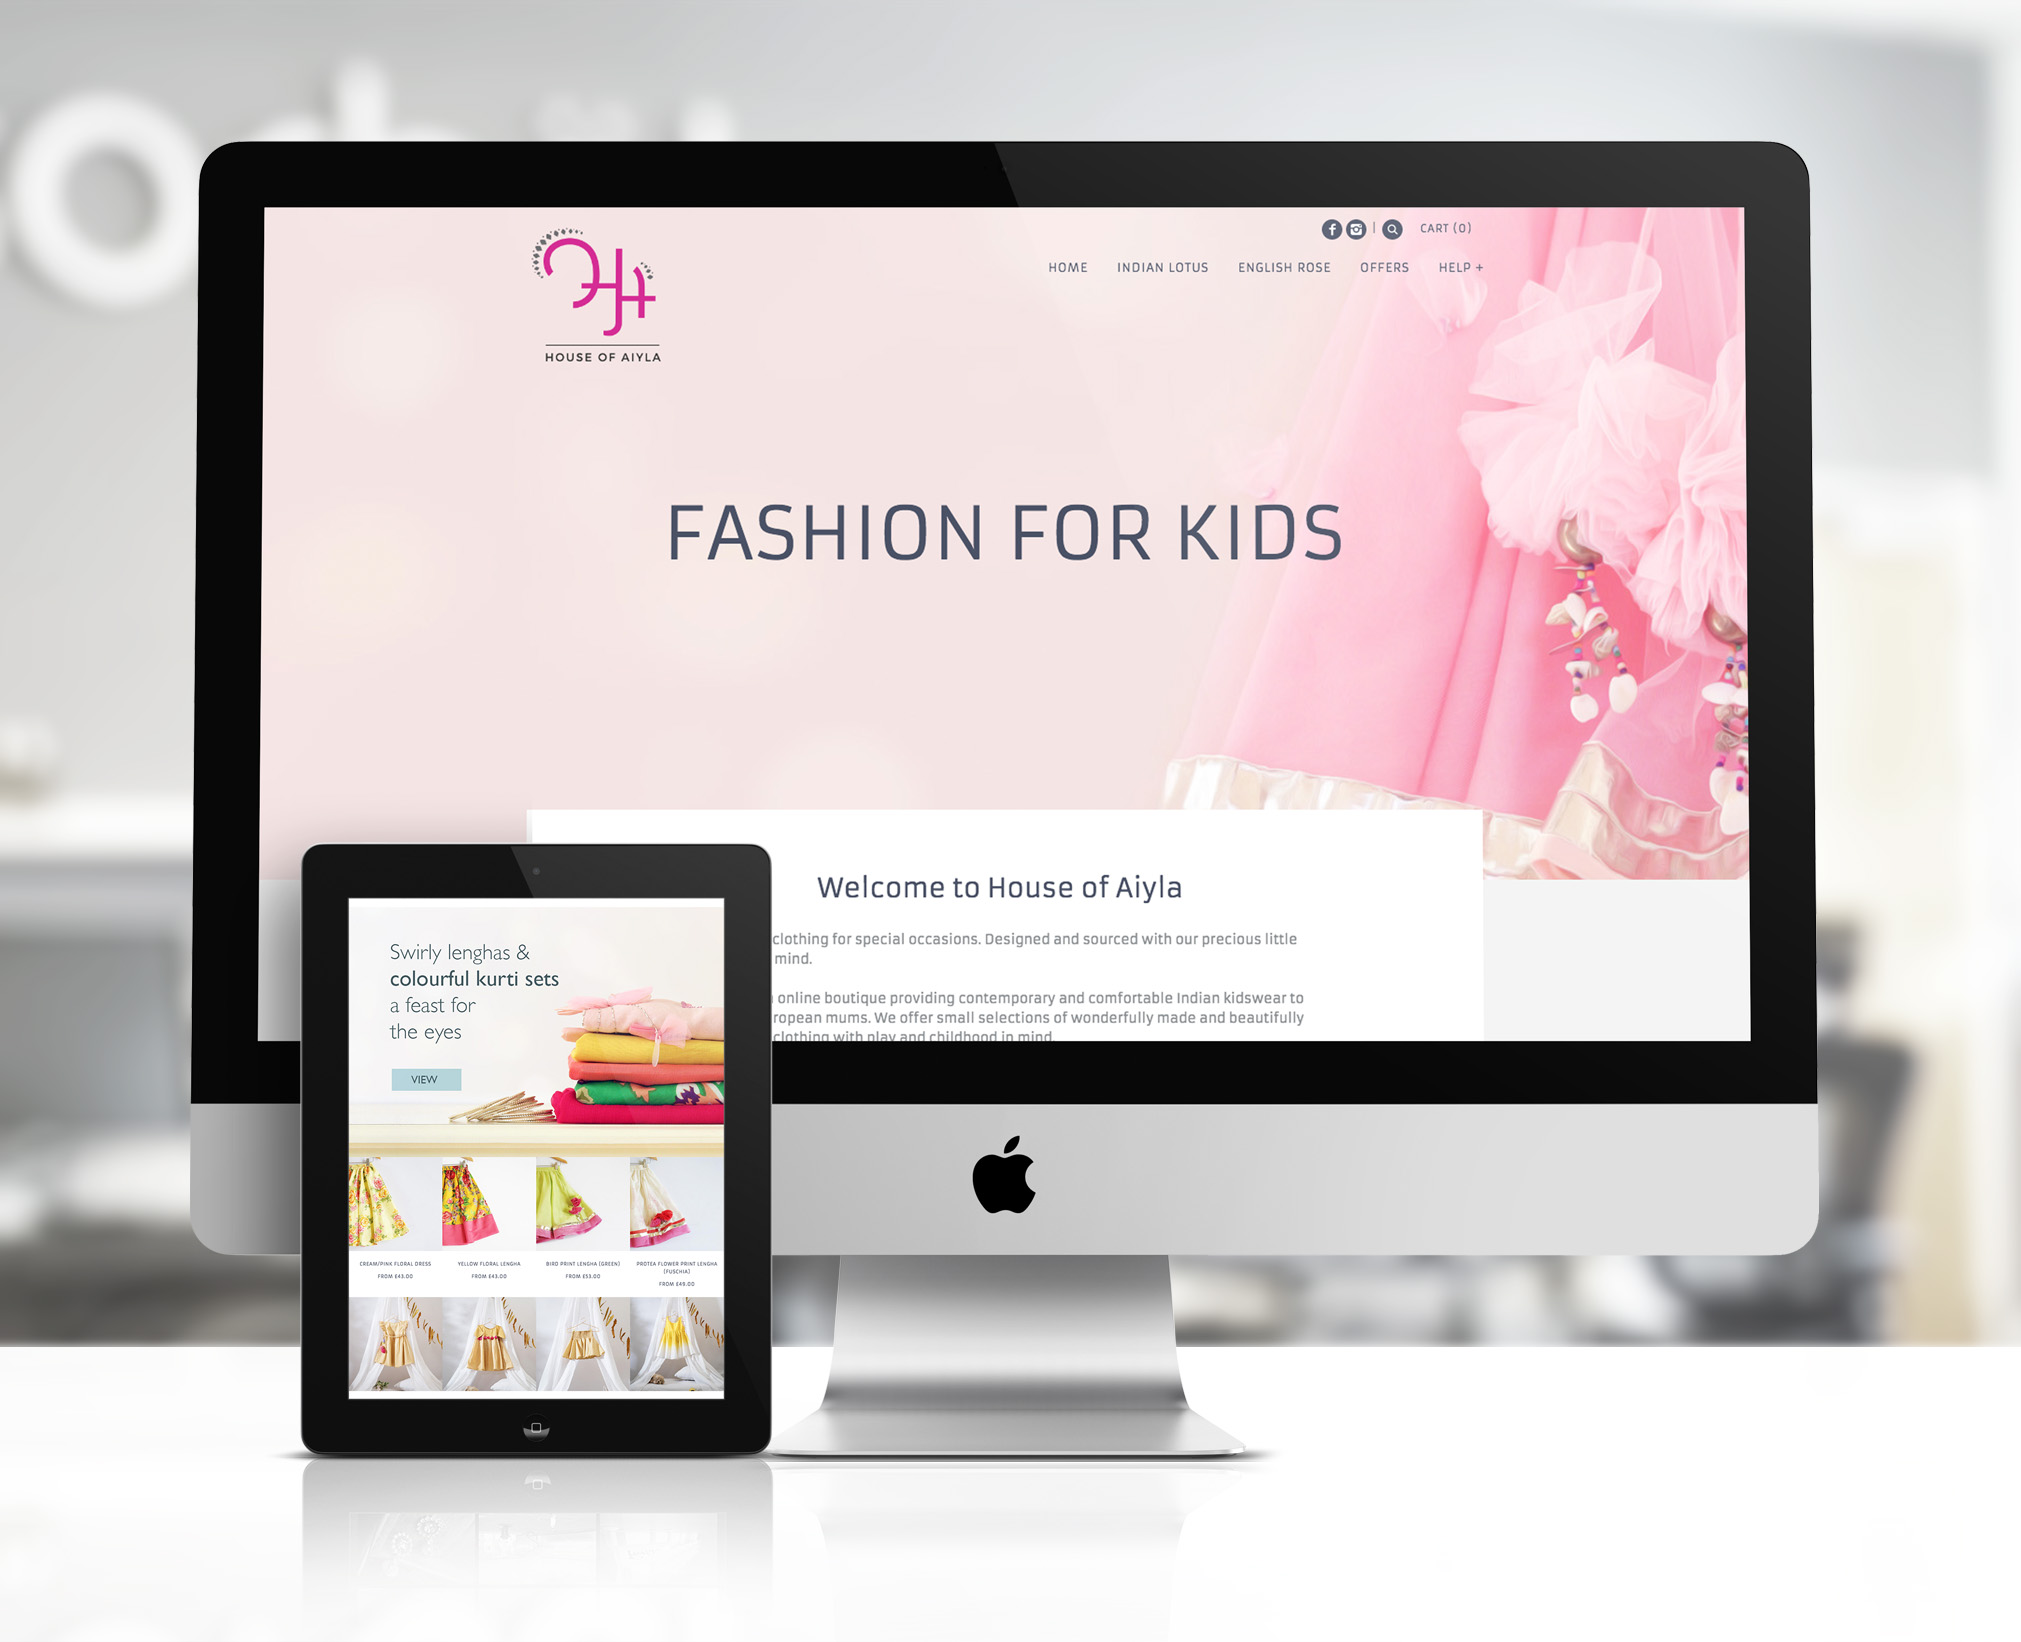 house_of_aiyla_kids_fashion_website